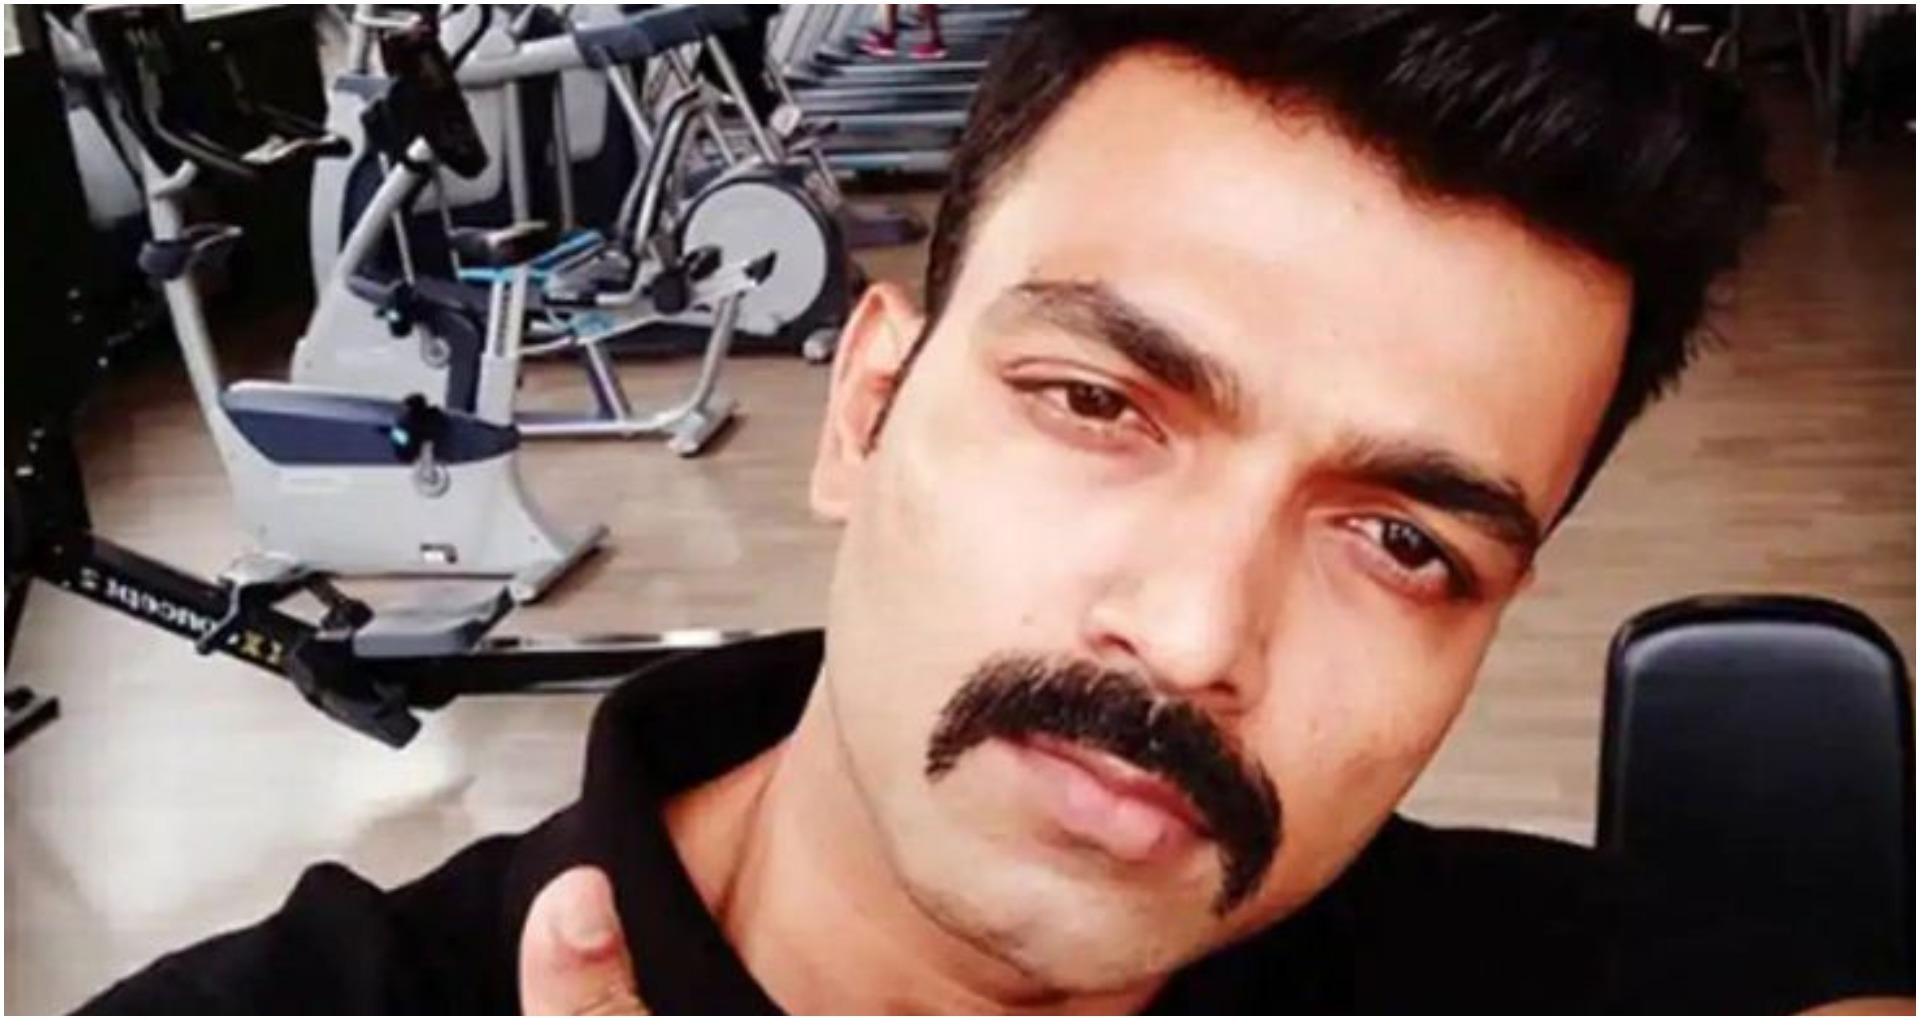 सुशांत सिंह राजपूत के बाद इस एक्टर ने कर ली आत्महत्या, सदमे में हैं फैंस